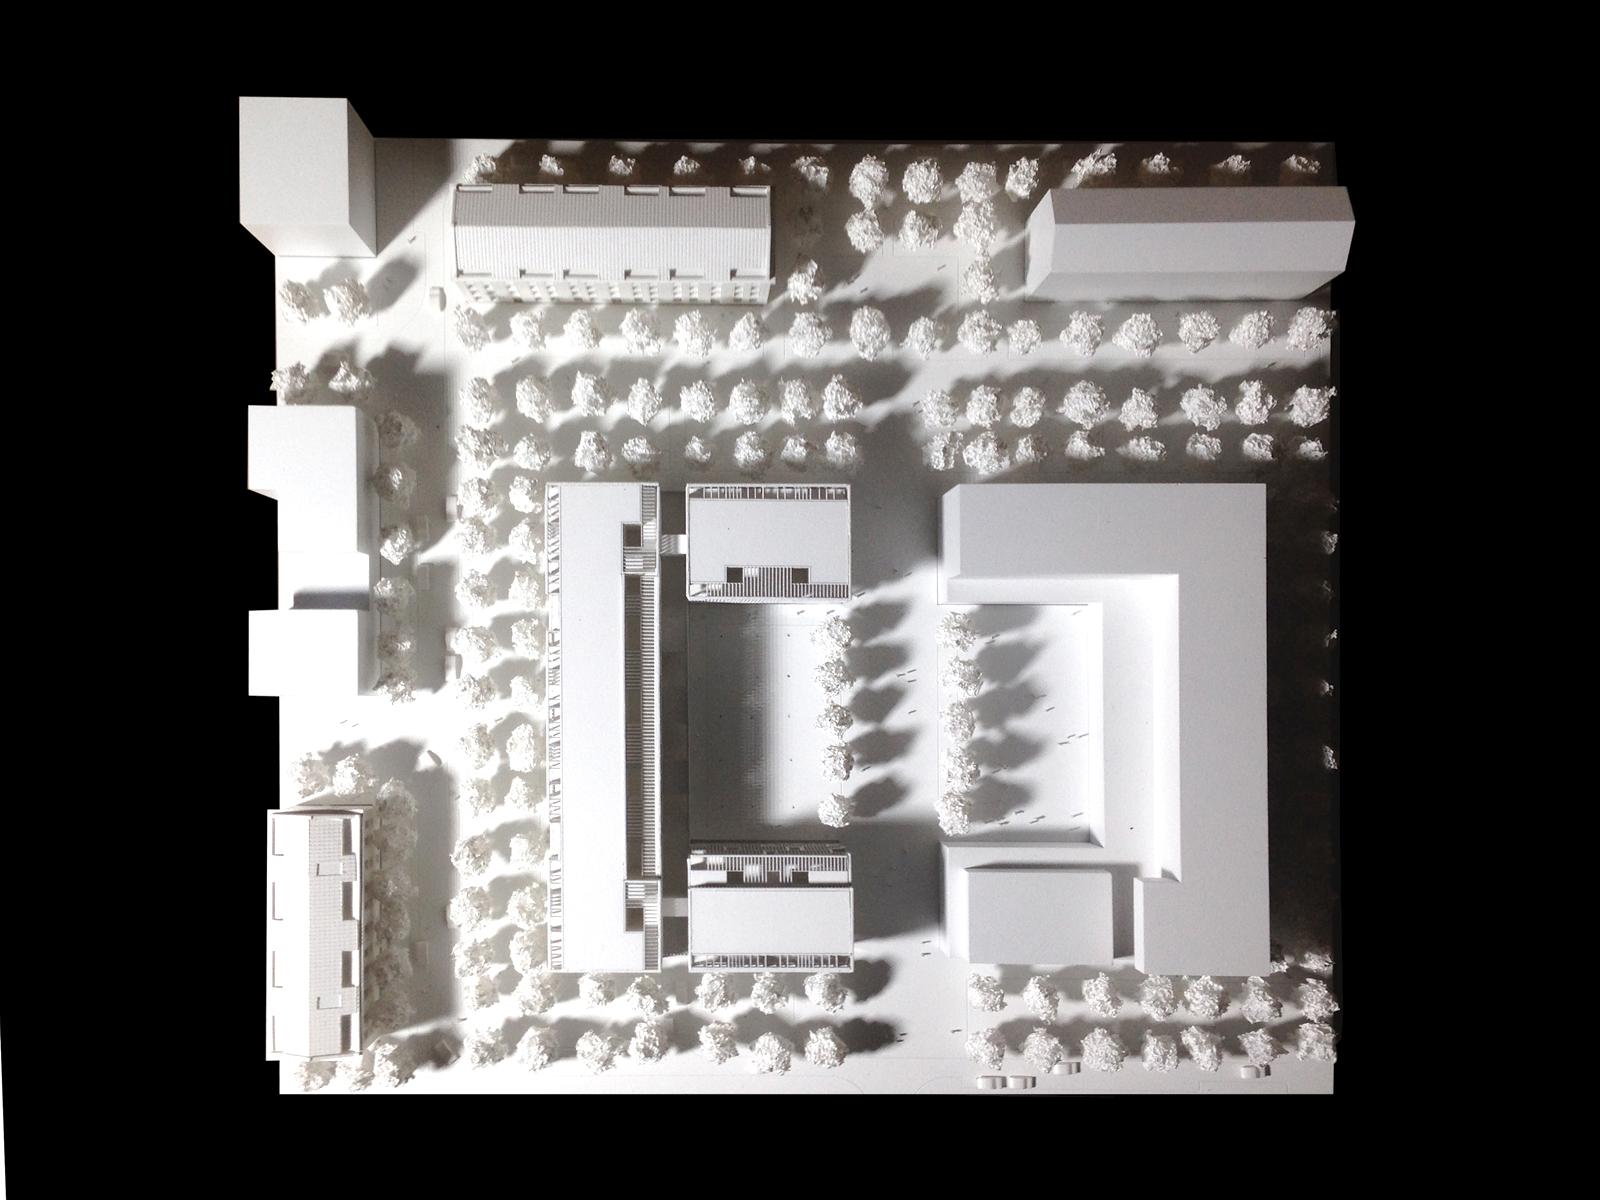 atelier-maquette-design-AM&D-montpellier-architecture-promoteur-fabregues-nicolas-constant-herault-architecte-EAI-concours_emeris_cogedim